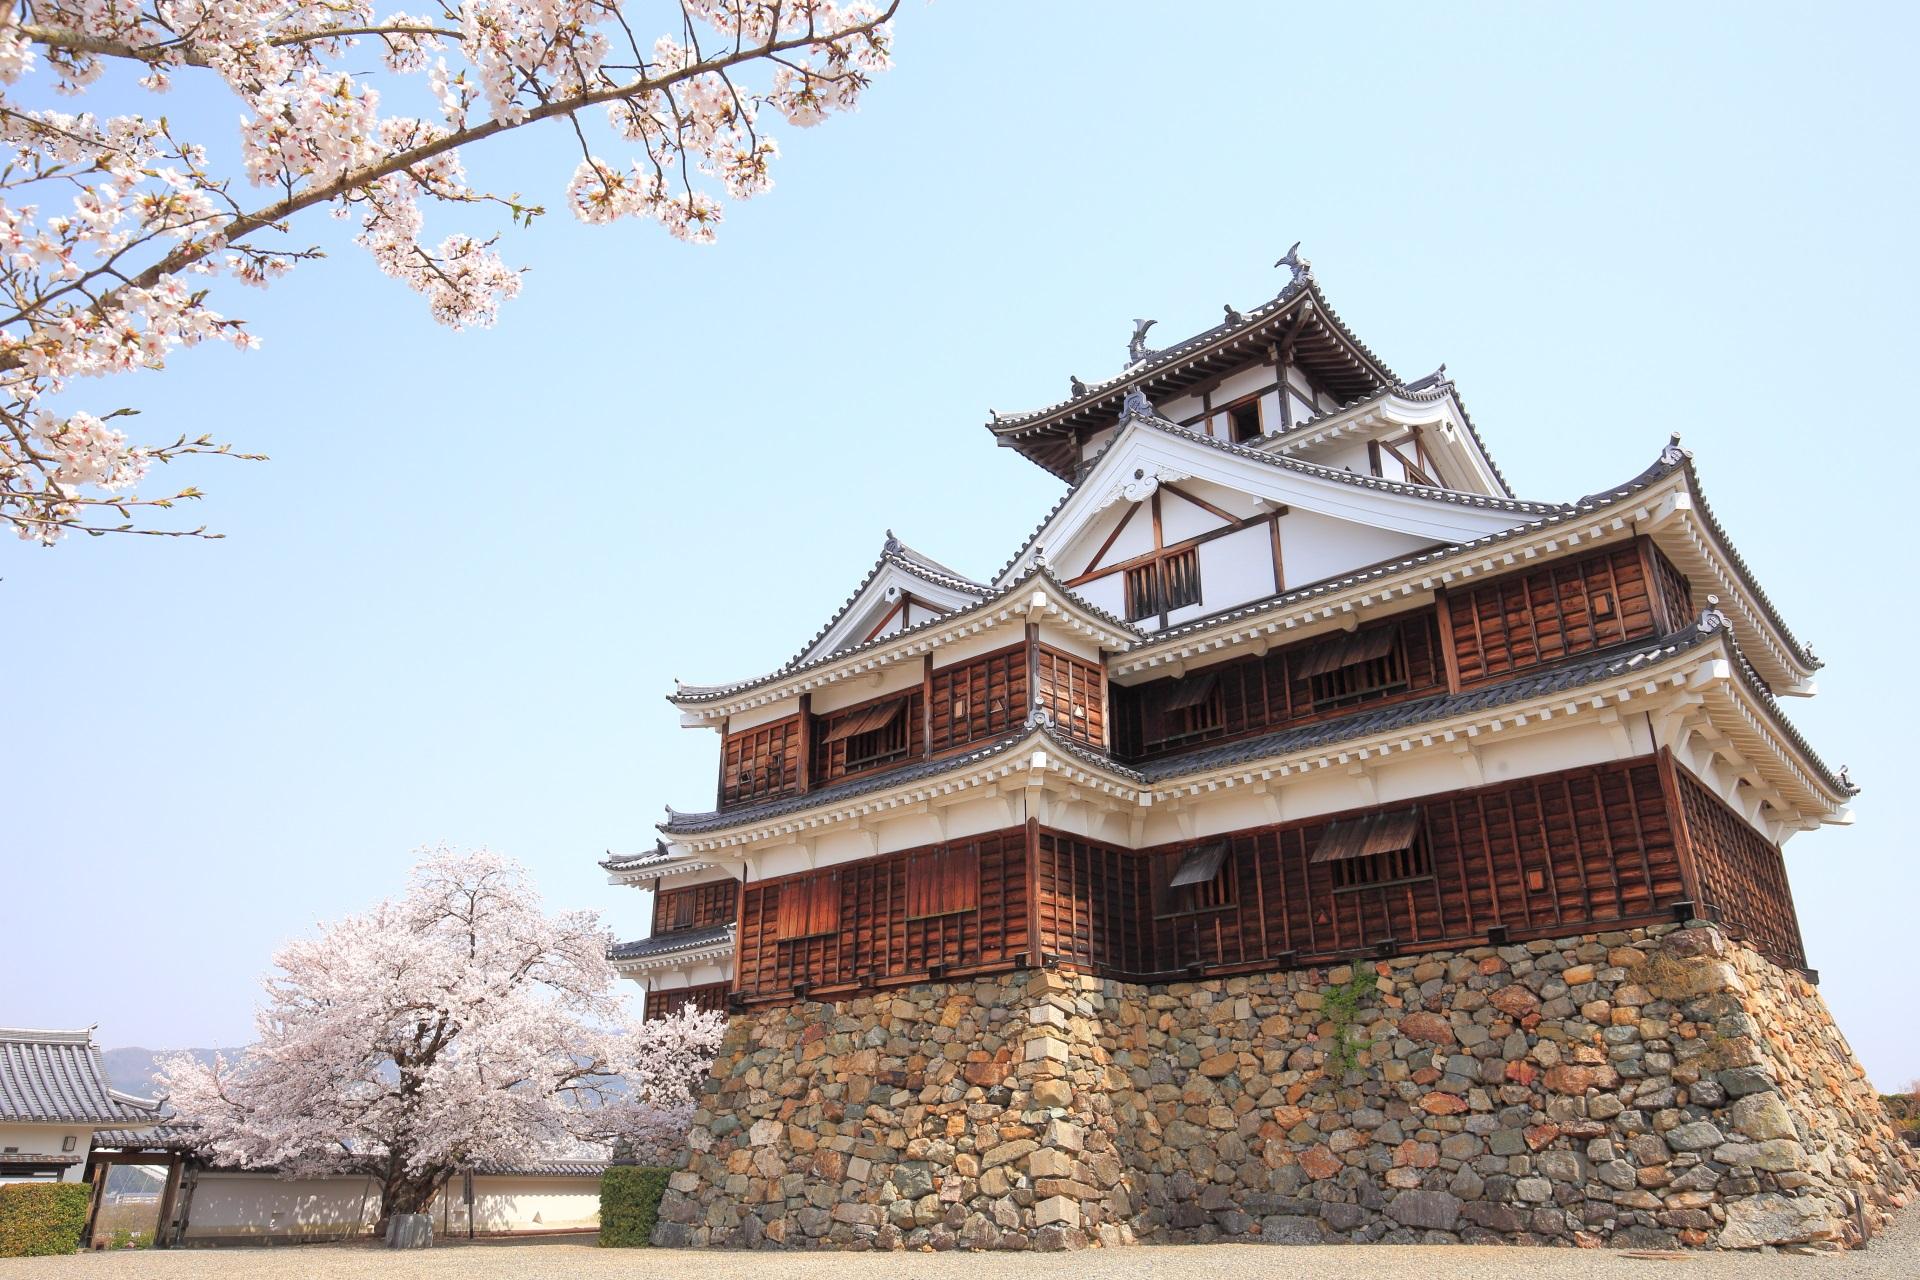 西側から眺めた福知山城と桜